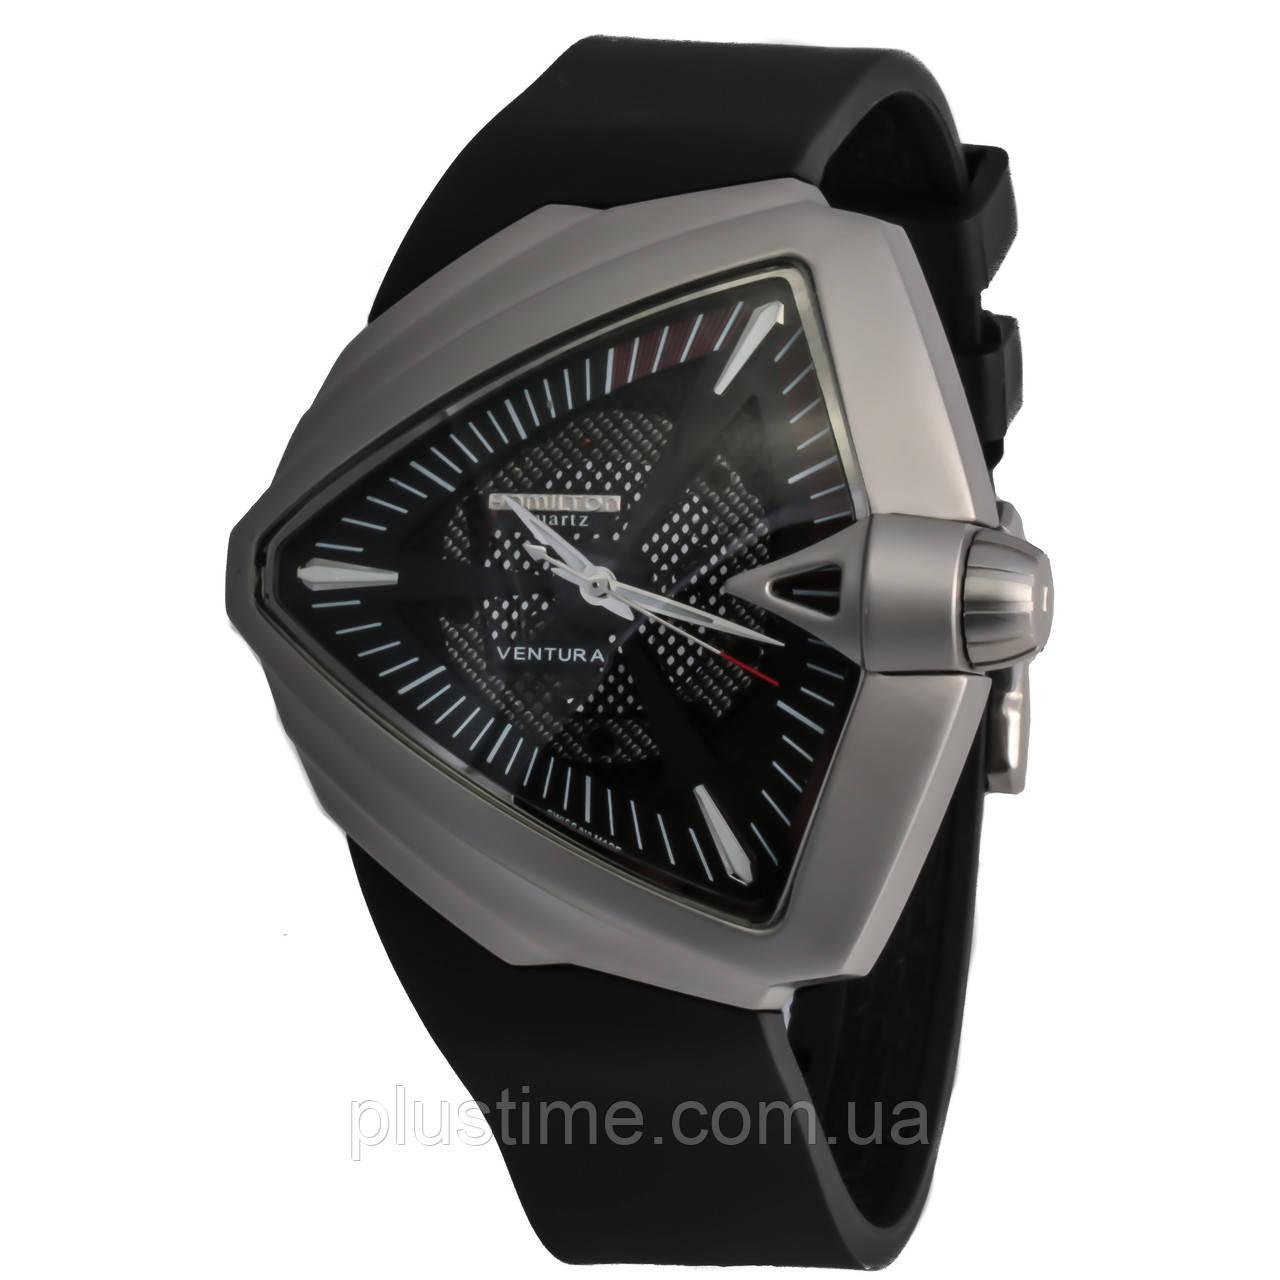 Наручные часы hamilton цена копии наручных часов интернет магазин